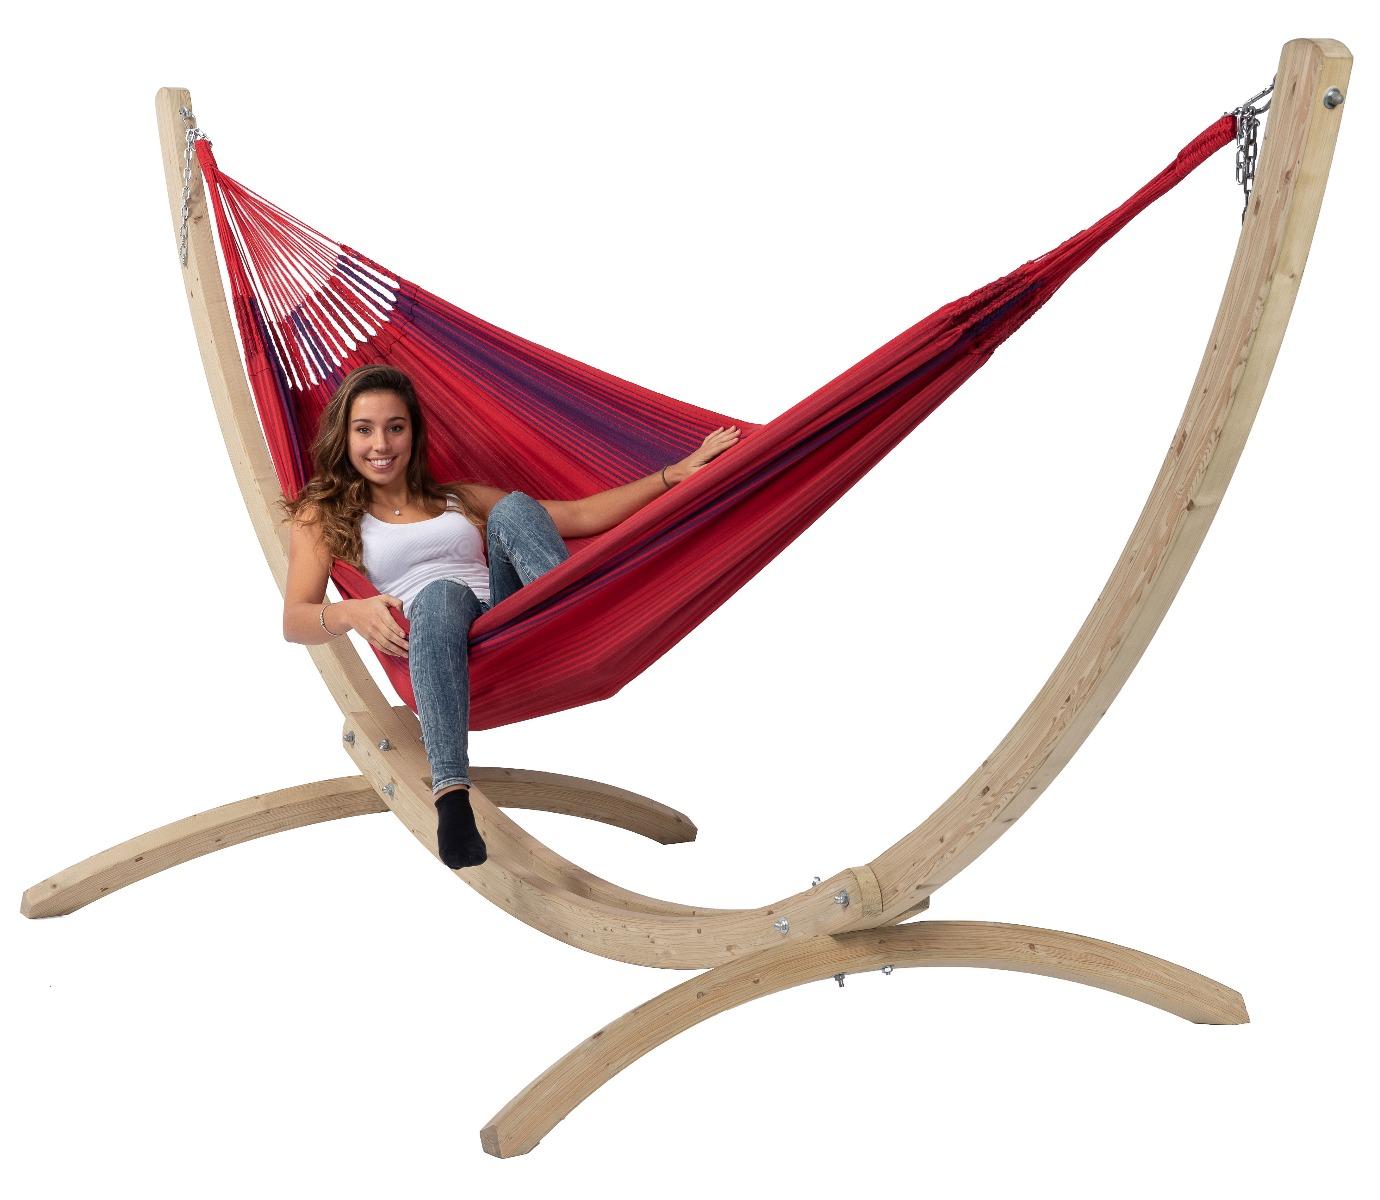 Hangmat met Standaard Familie 'Wood & Refresh' Bordeaux - Rood - Tropilex ®